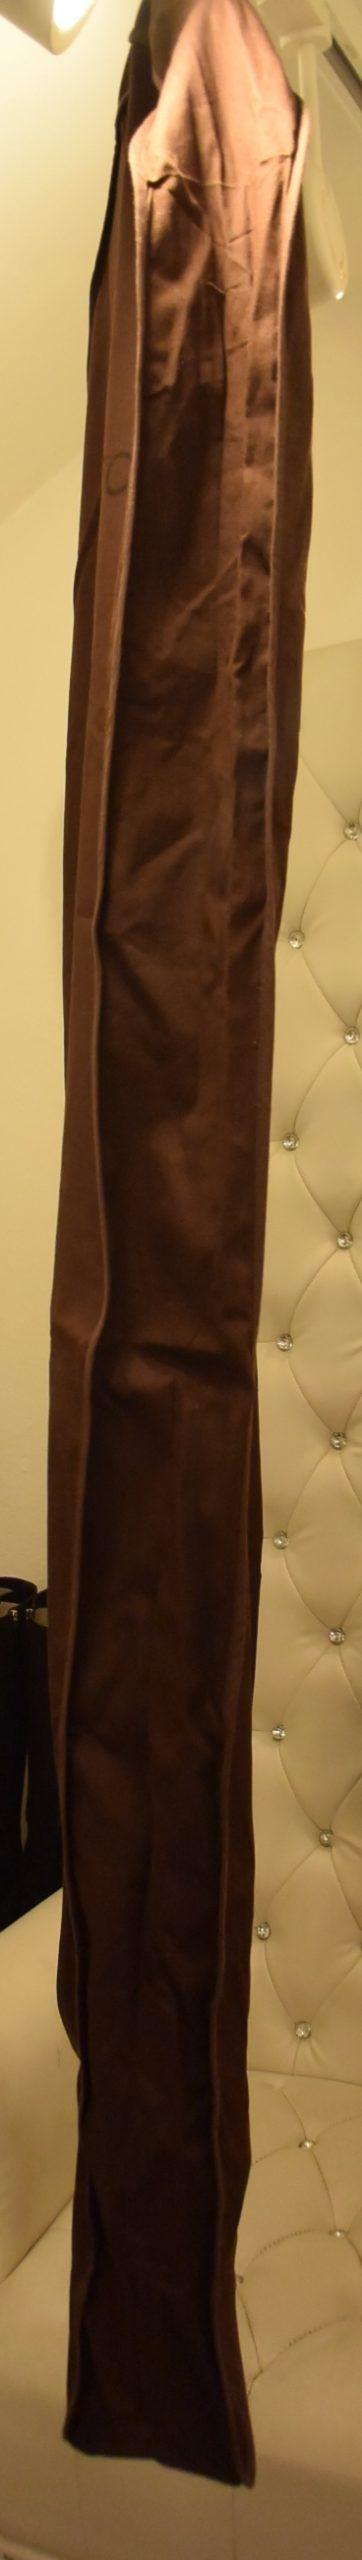 Louis Vuitton Kleiderhülle Kleidersack groß braun-12977